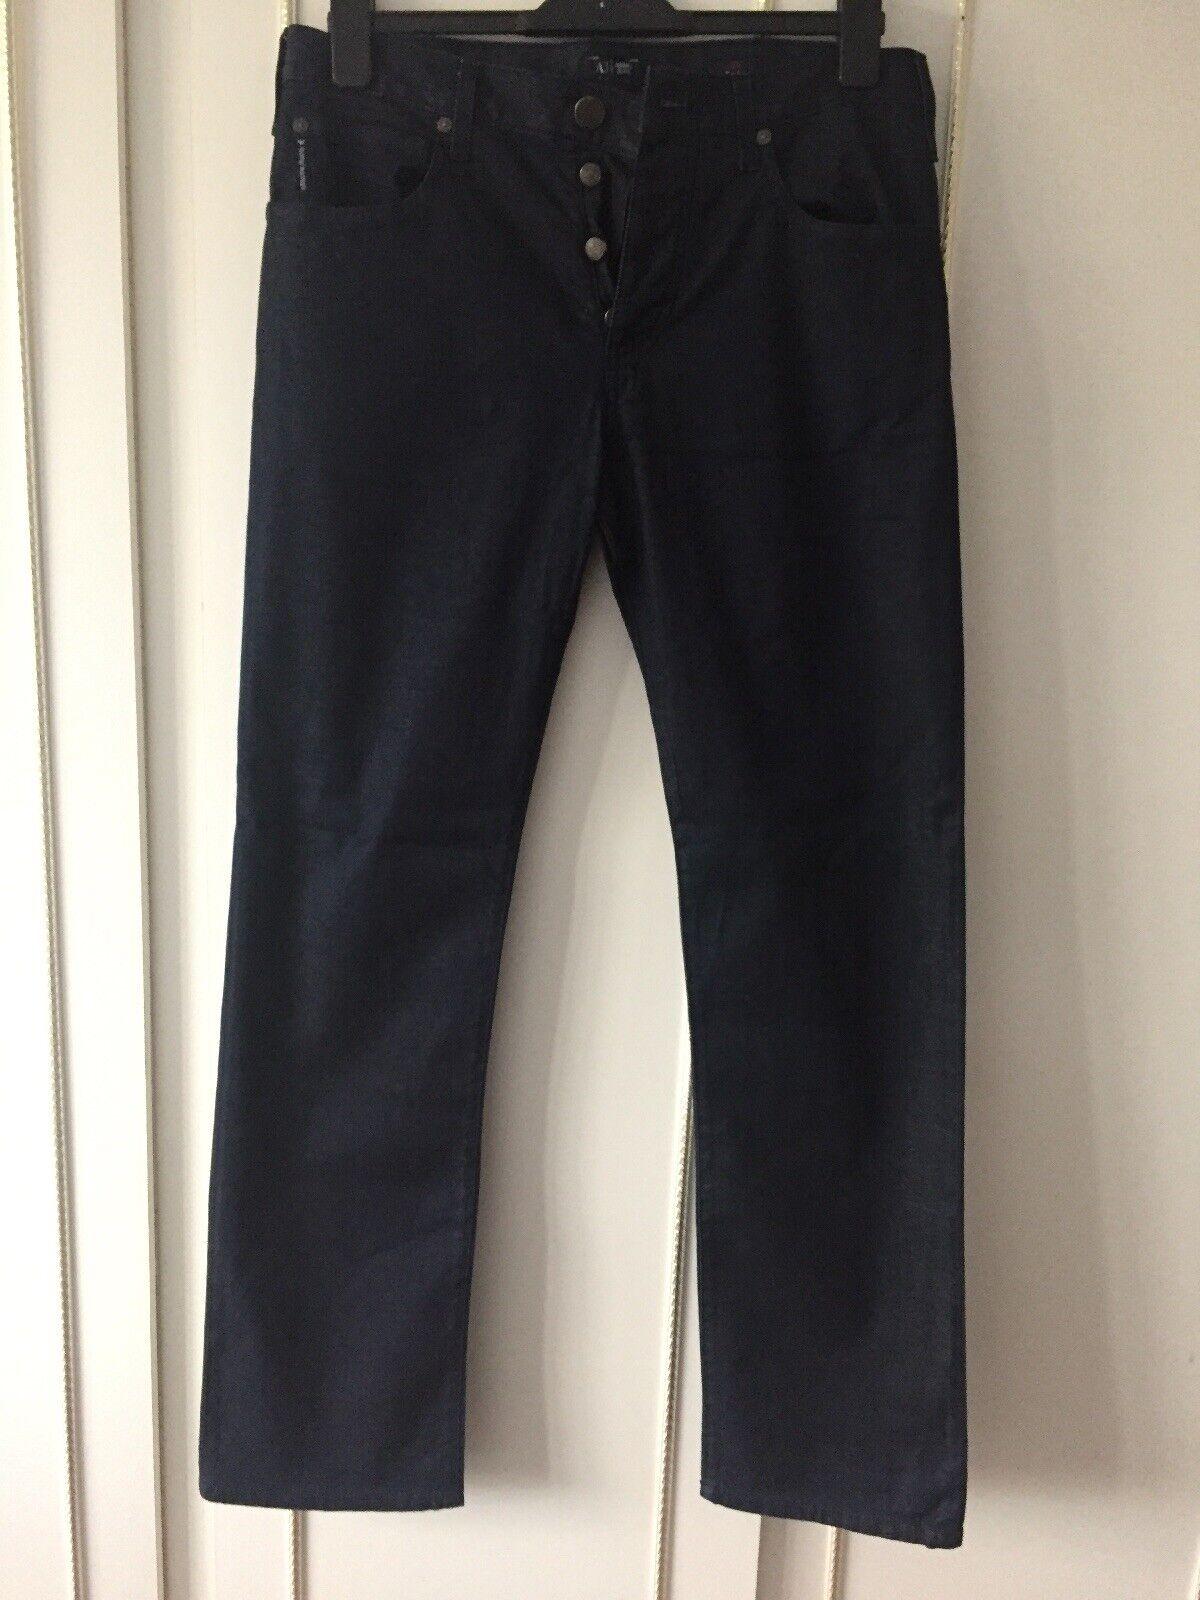 ARMANI uomo Jeans Blu 32 32 32 32 64b265